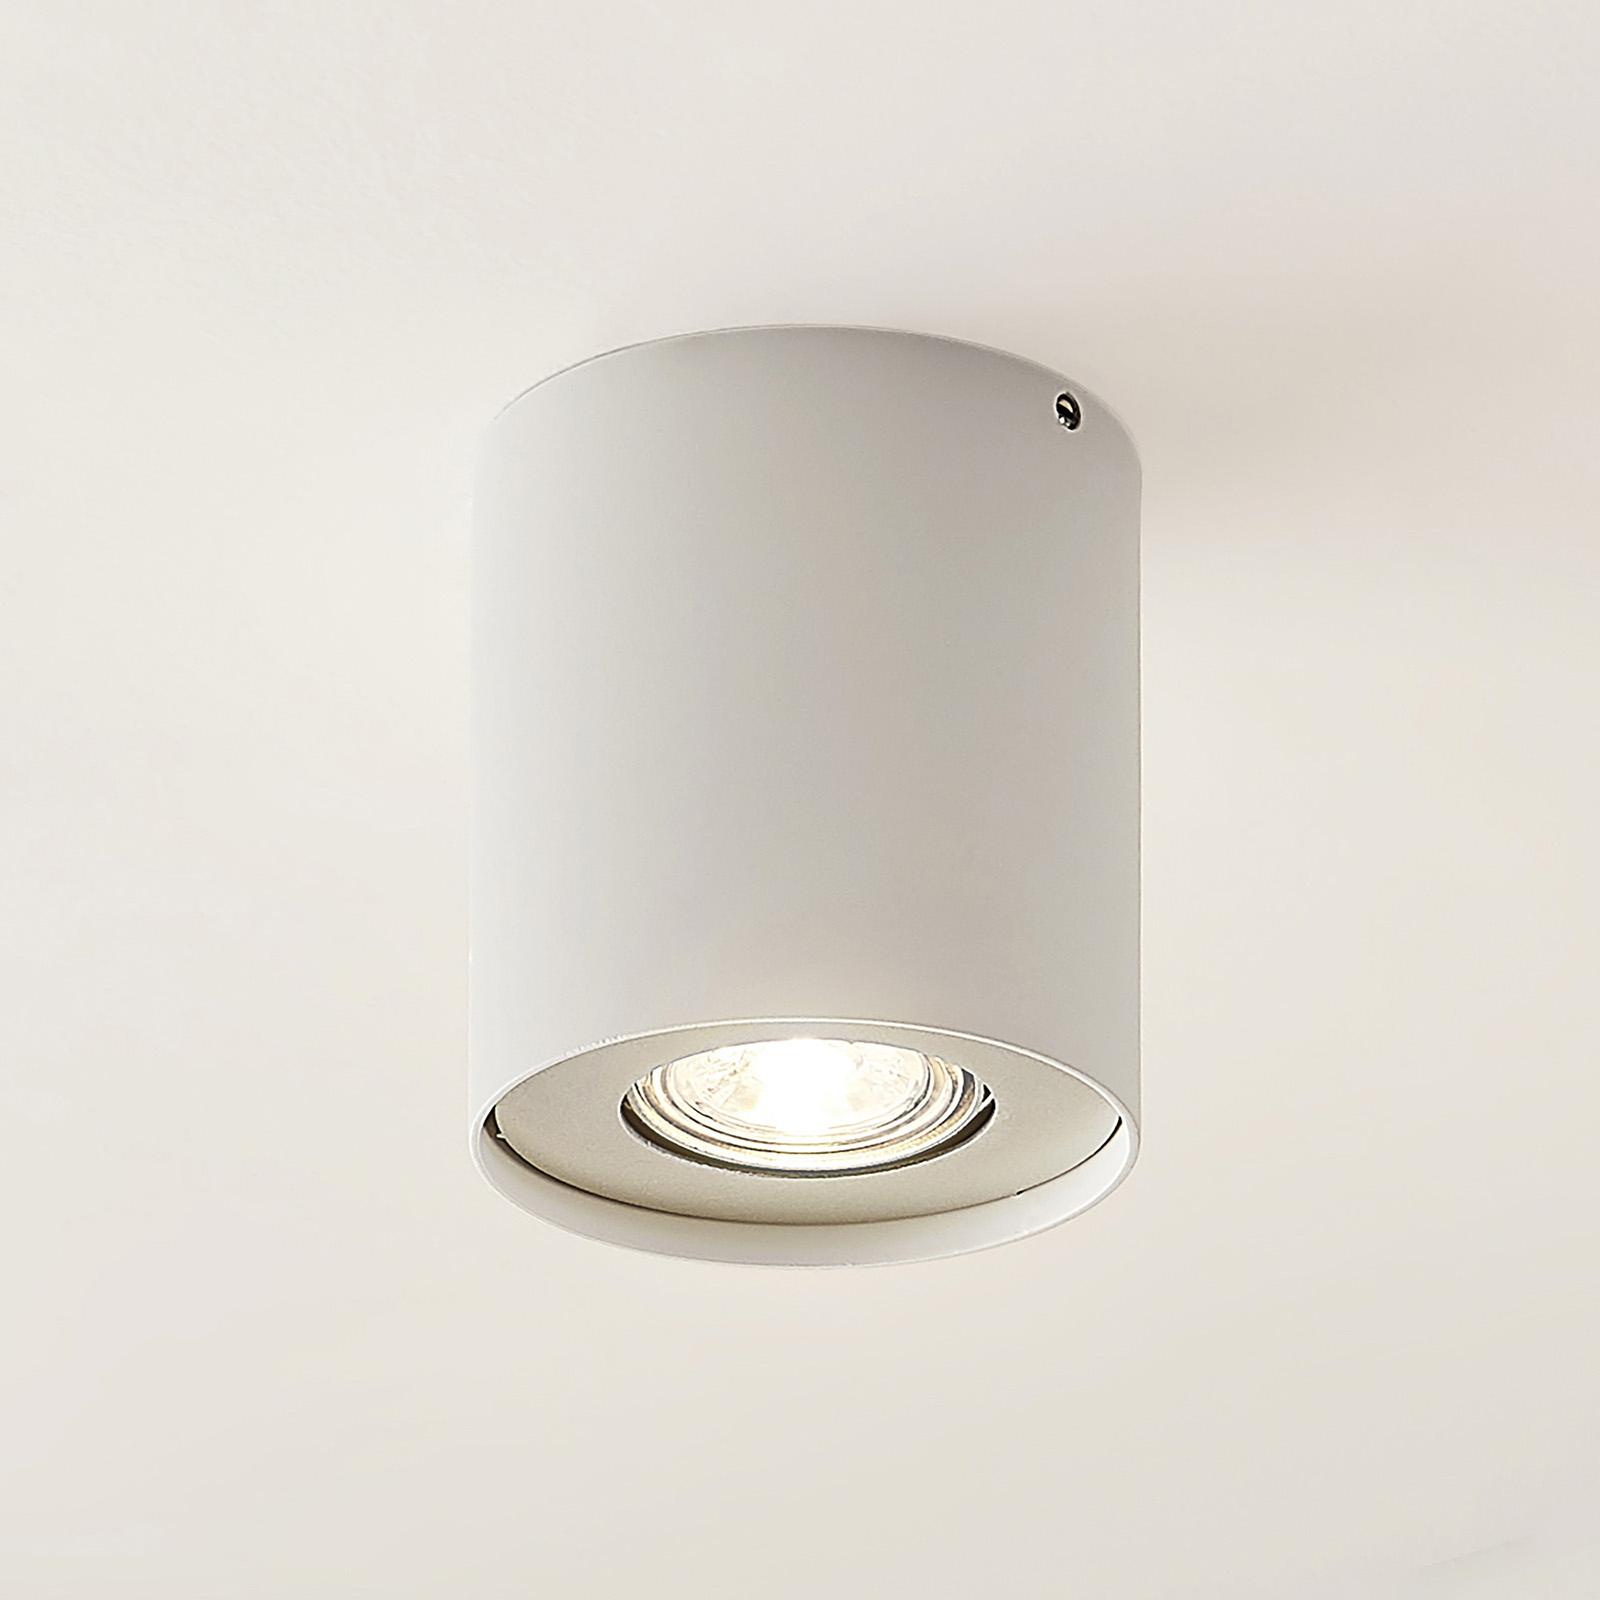 Lindby Laron GU10-Downlight, rund, weiß